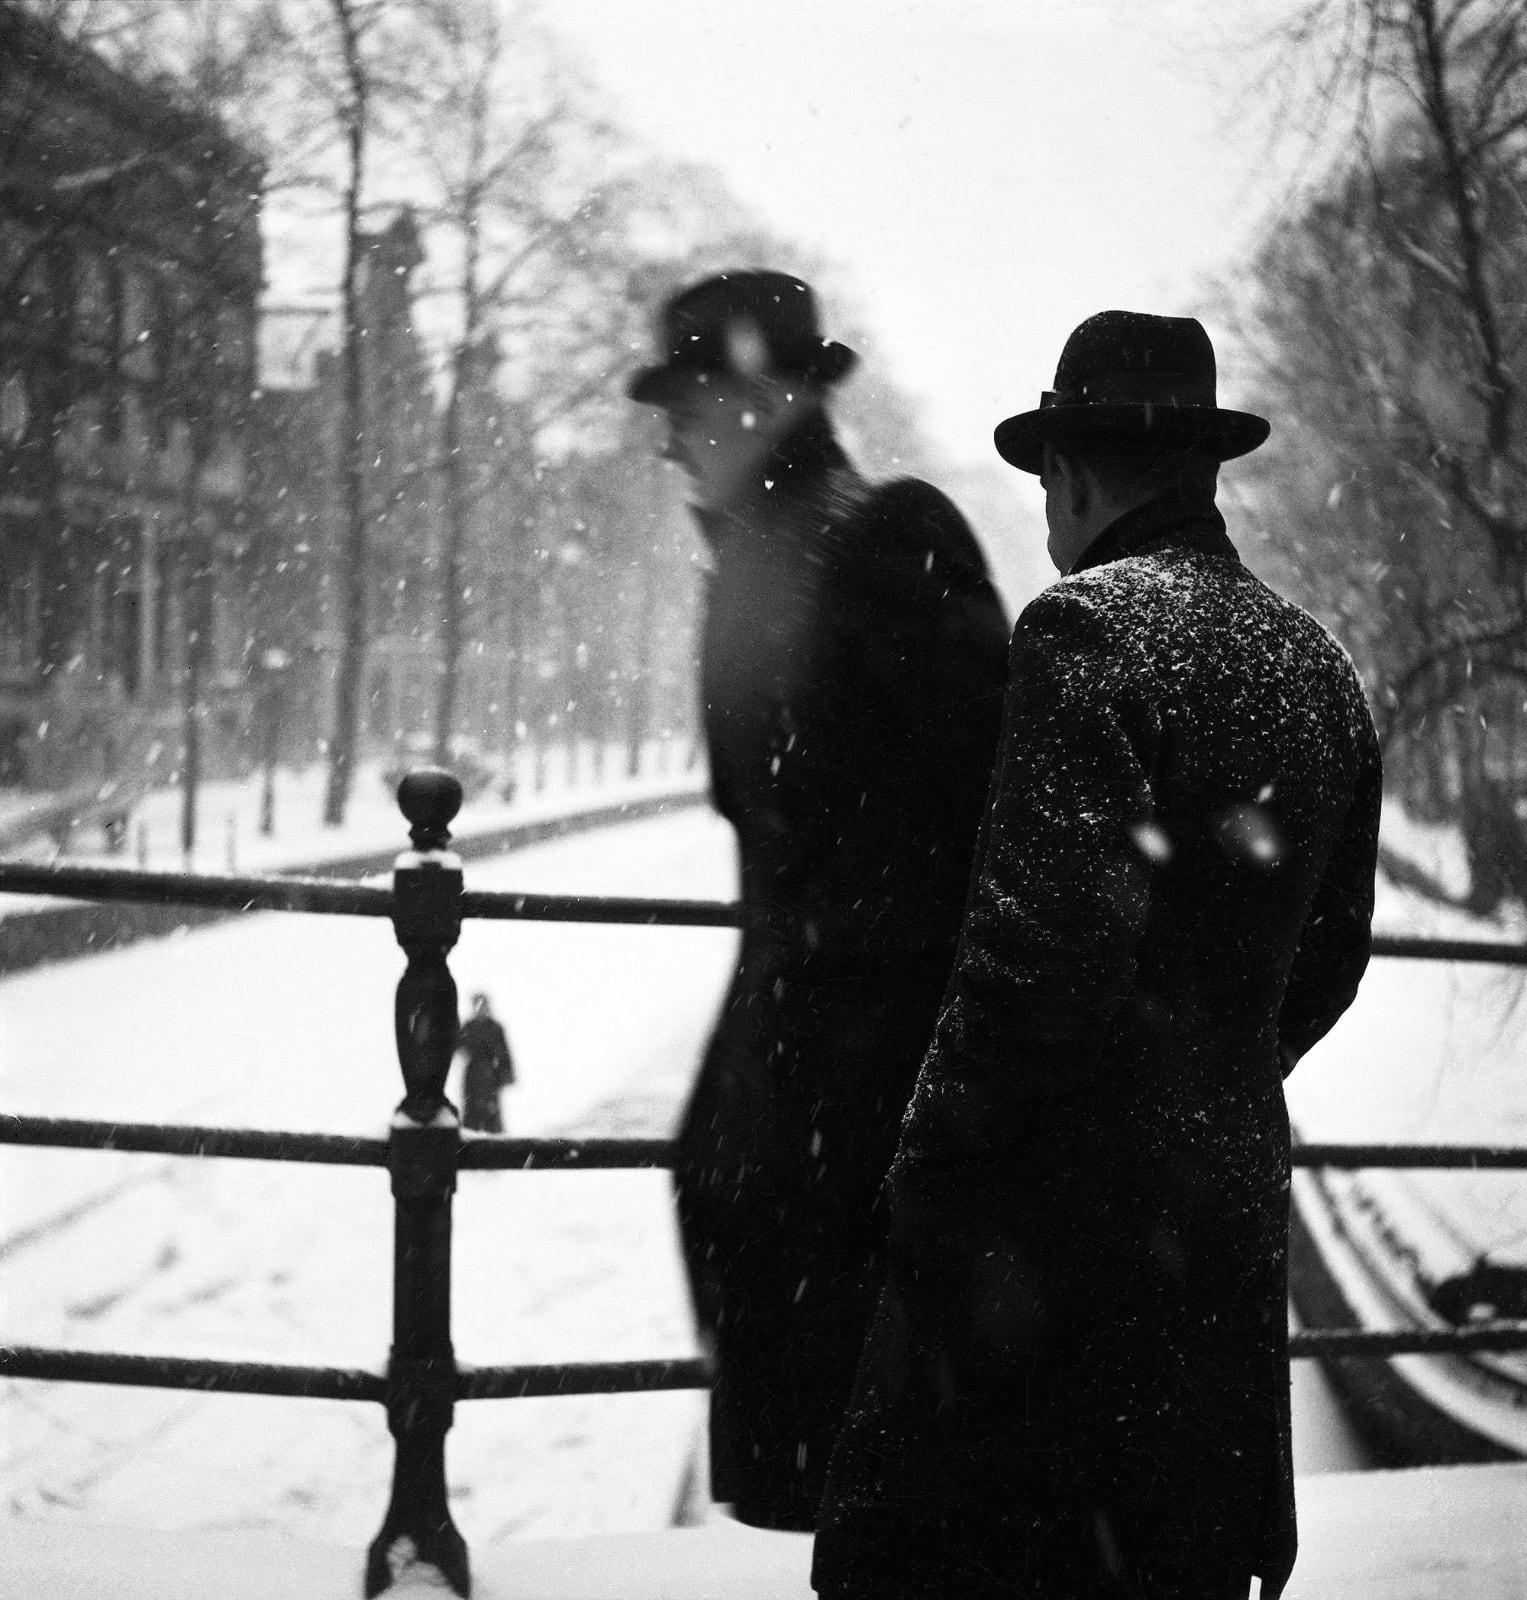 foto: © Carel Blazer/MAI - Amsterdam winter 1942, twee mannen in zwart met hoeden op brug van gracht